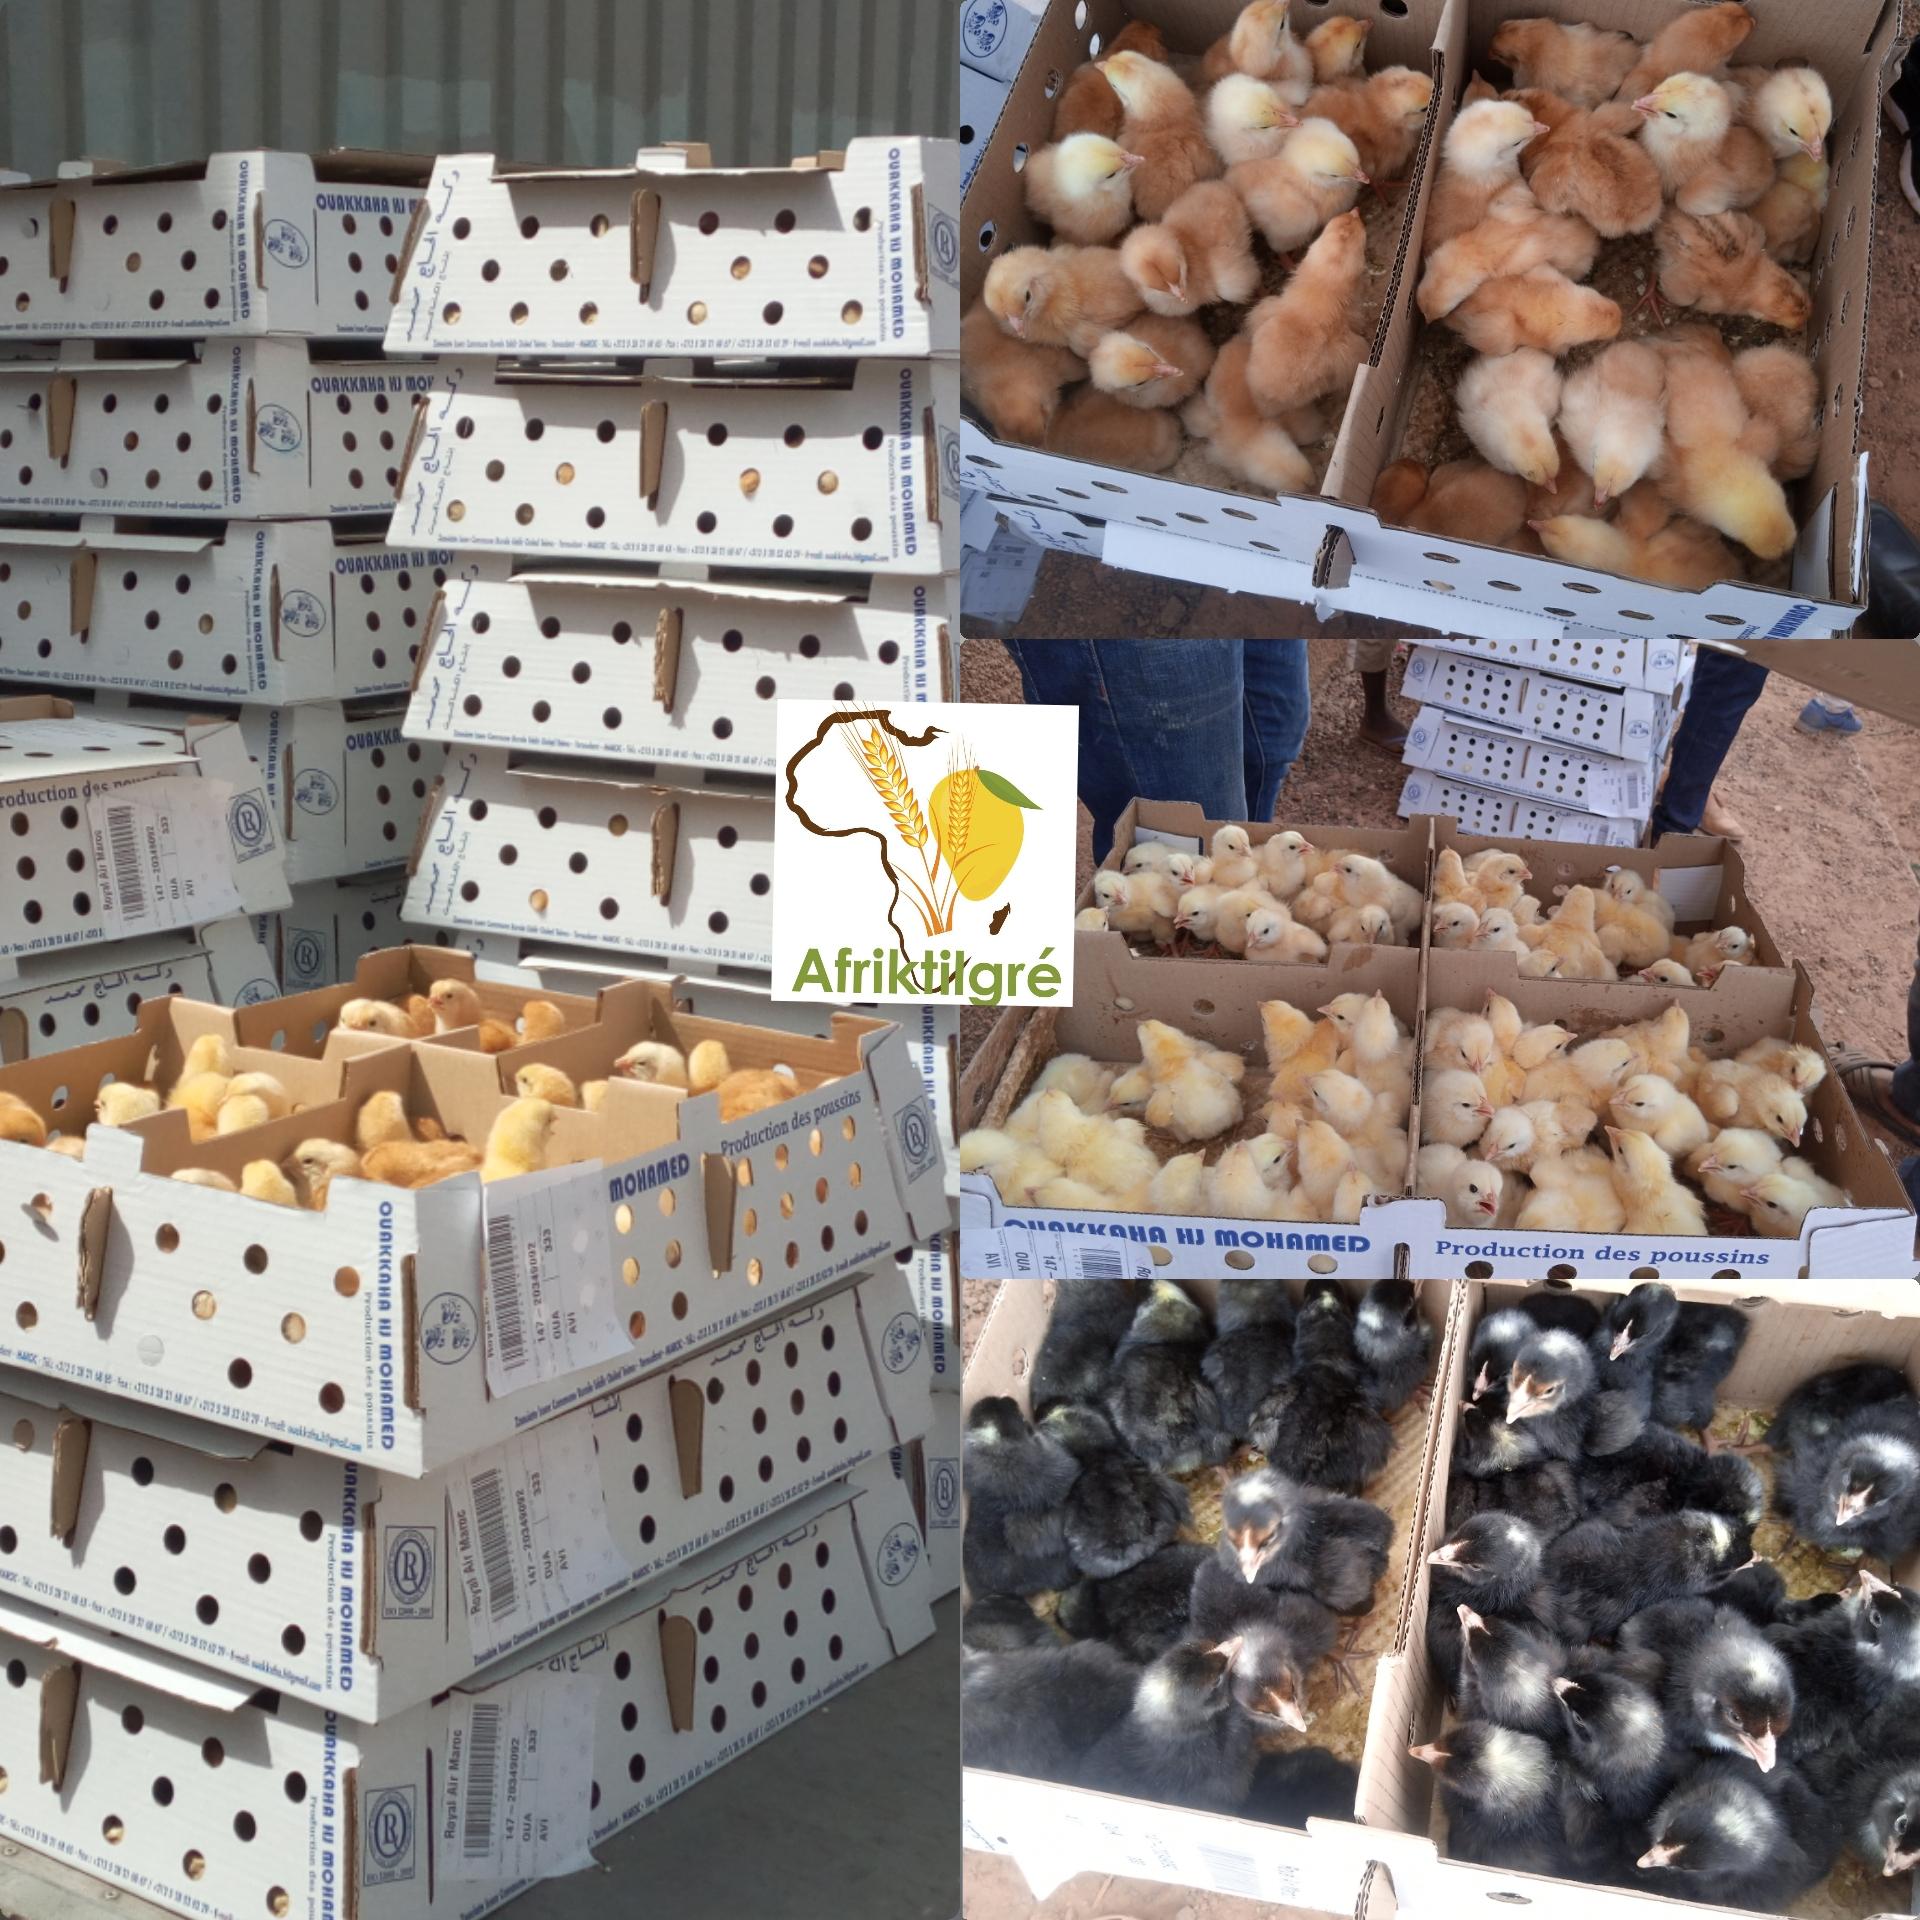 Aviculture : 42 000 poussins chairs et 26 000 poussins fermiers attérissent à Ouagadougou